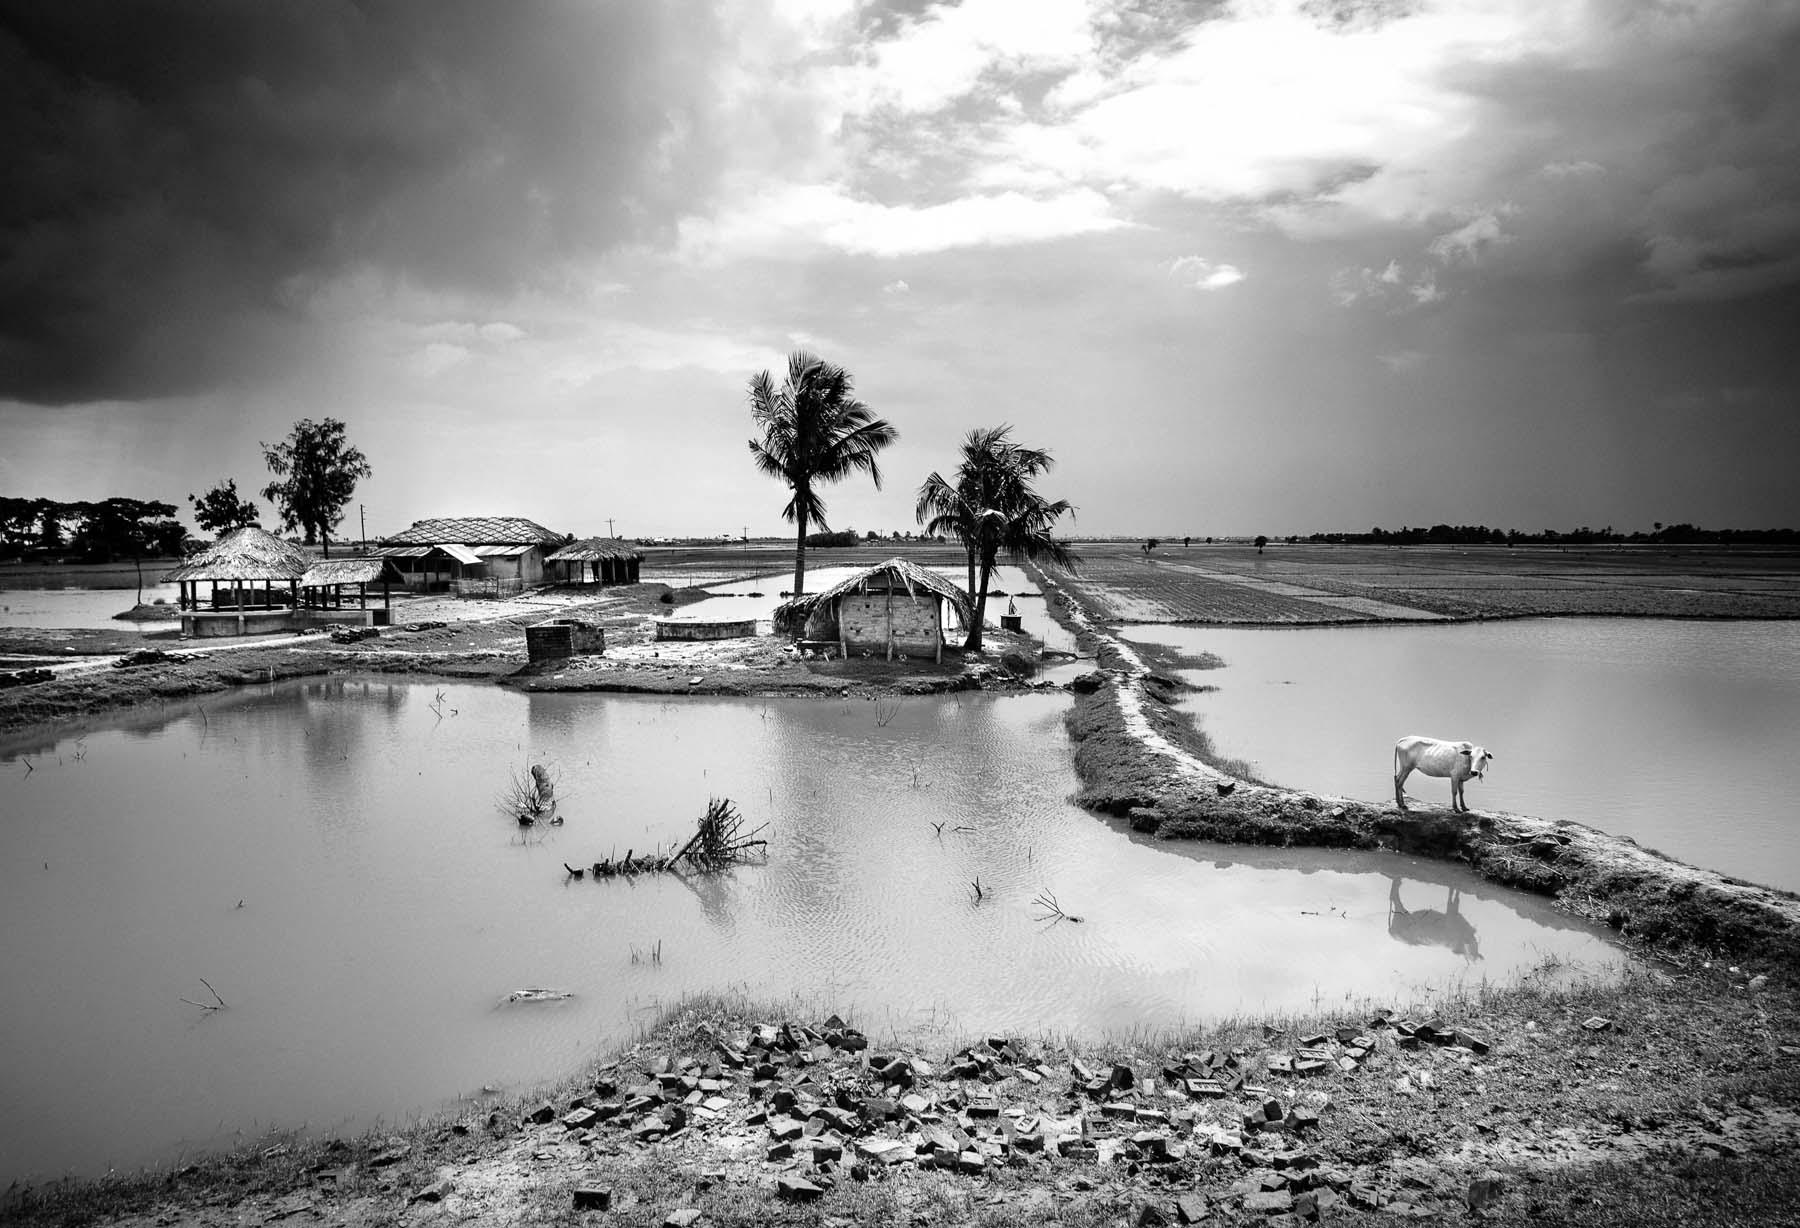 Jules_toulet_bangladesh-16